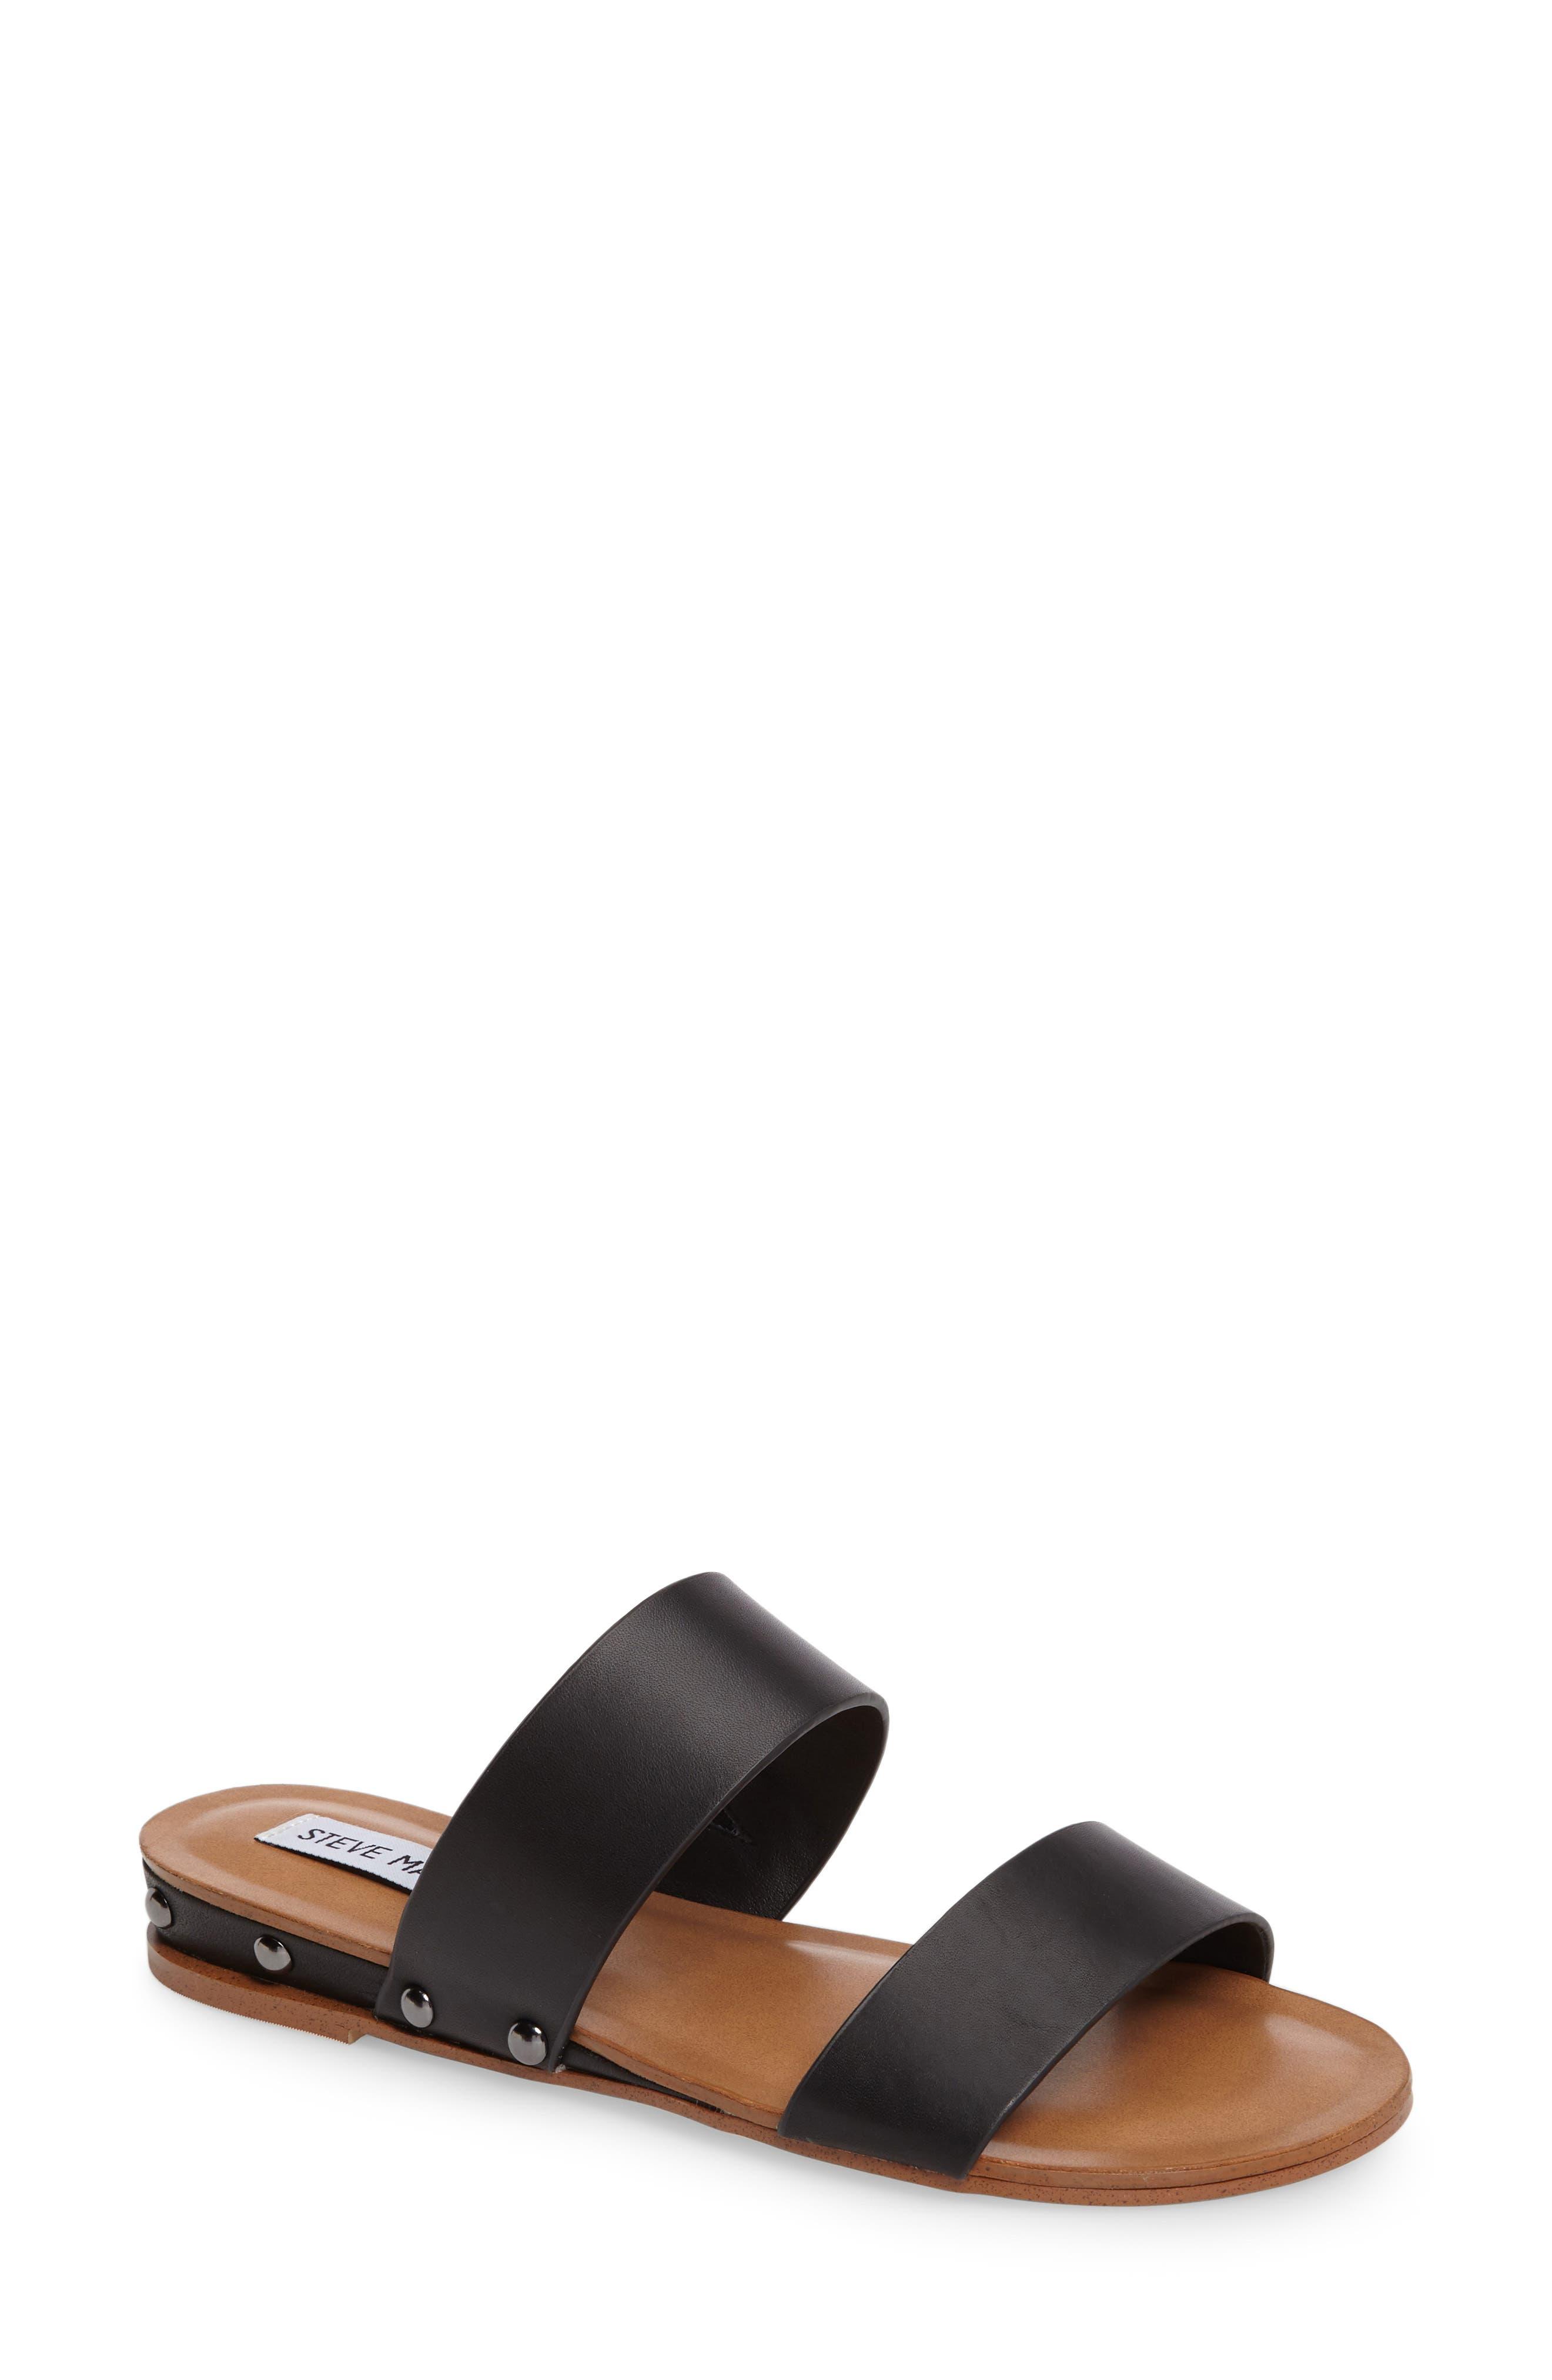 STEVE MADDEN Dakotas Sandal, Main, color, 001